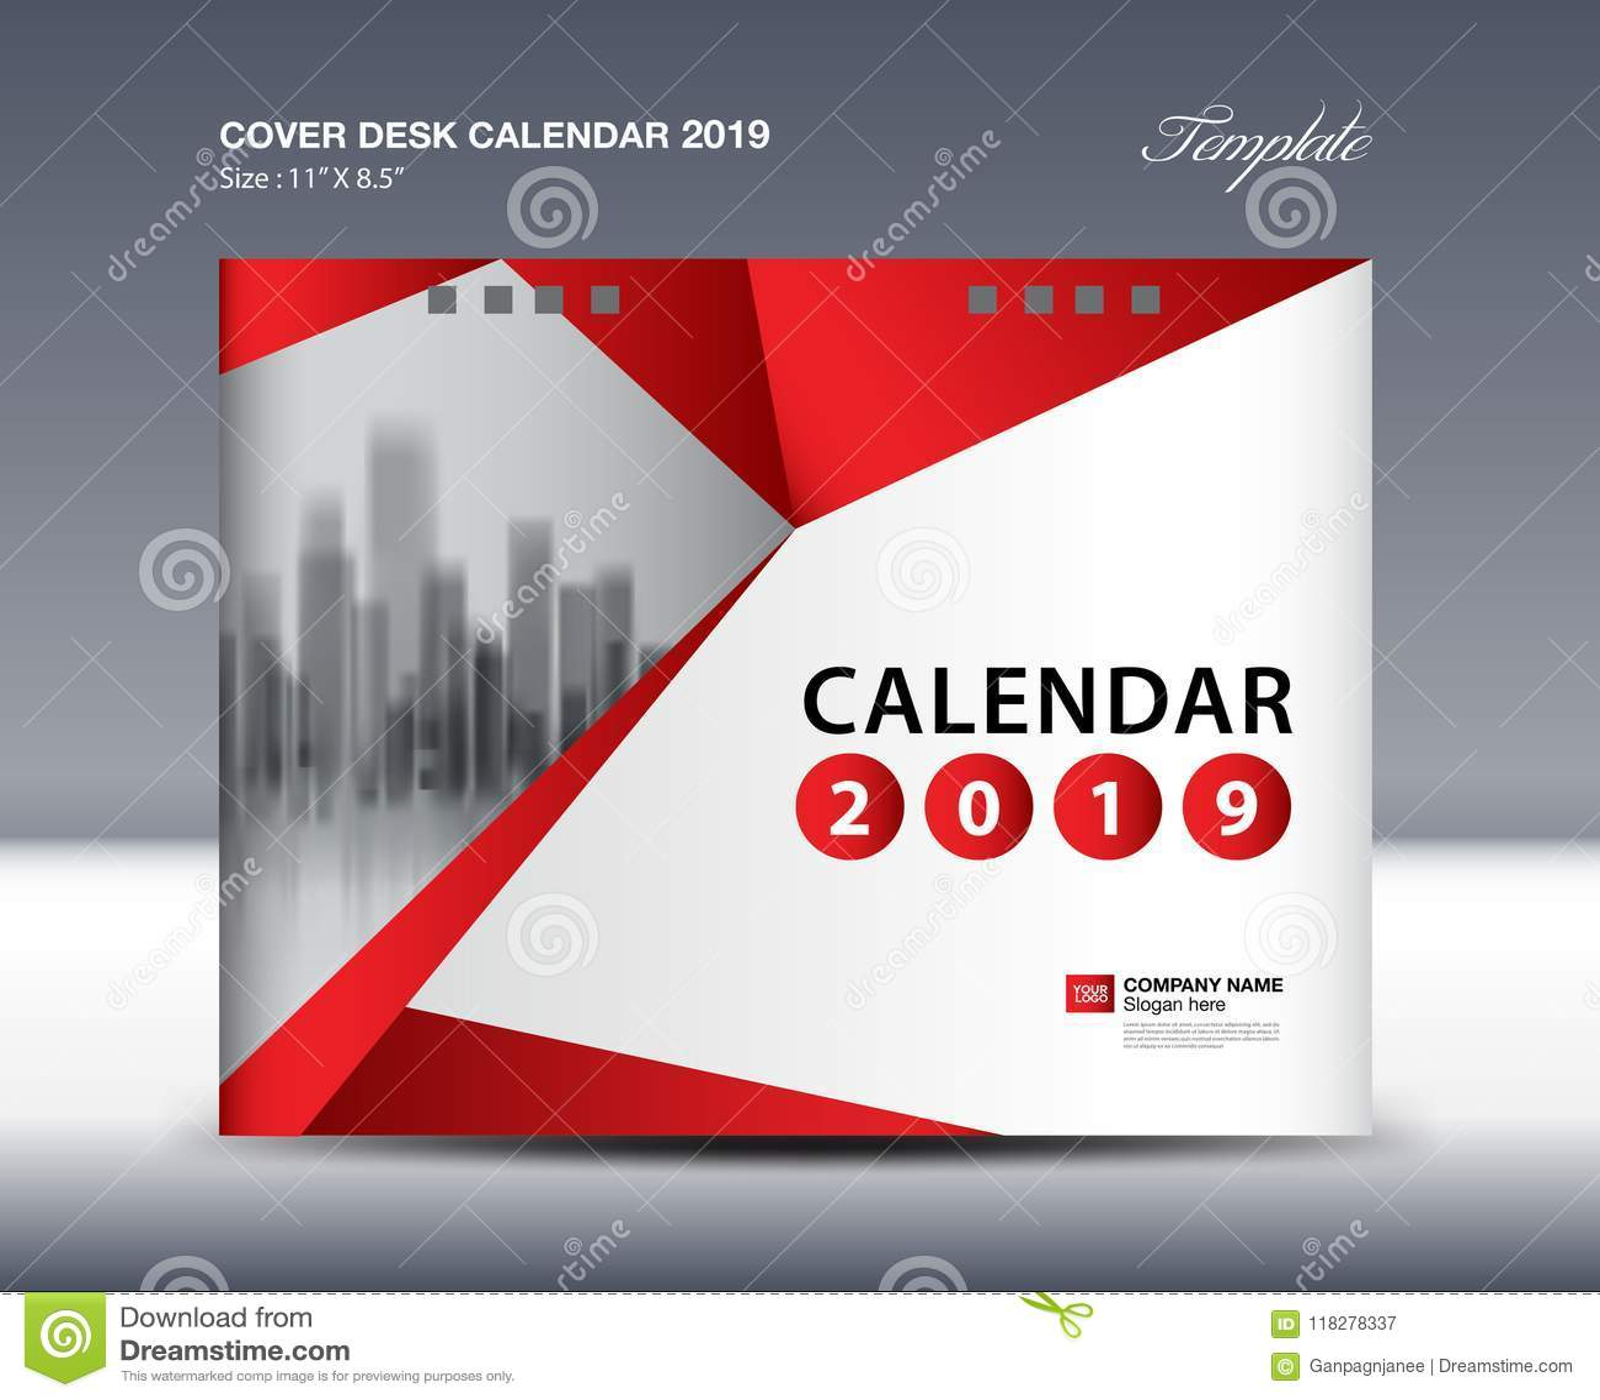 cover desk calendar 2019 design flyer template ads. Black Bedroom Furniture Sets. Home Design Ideas